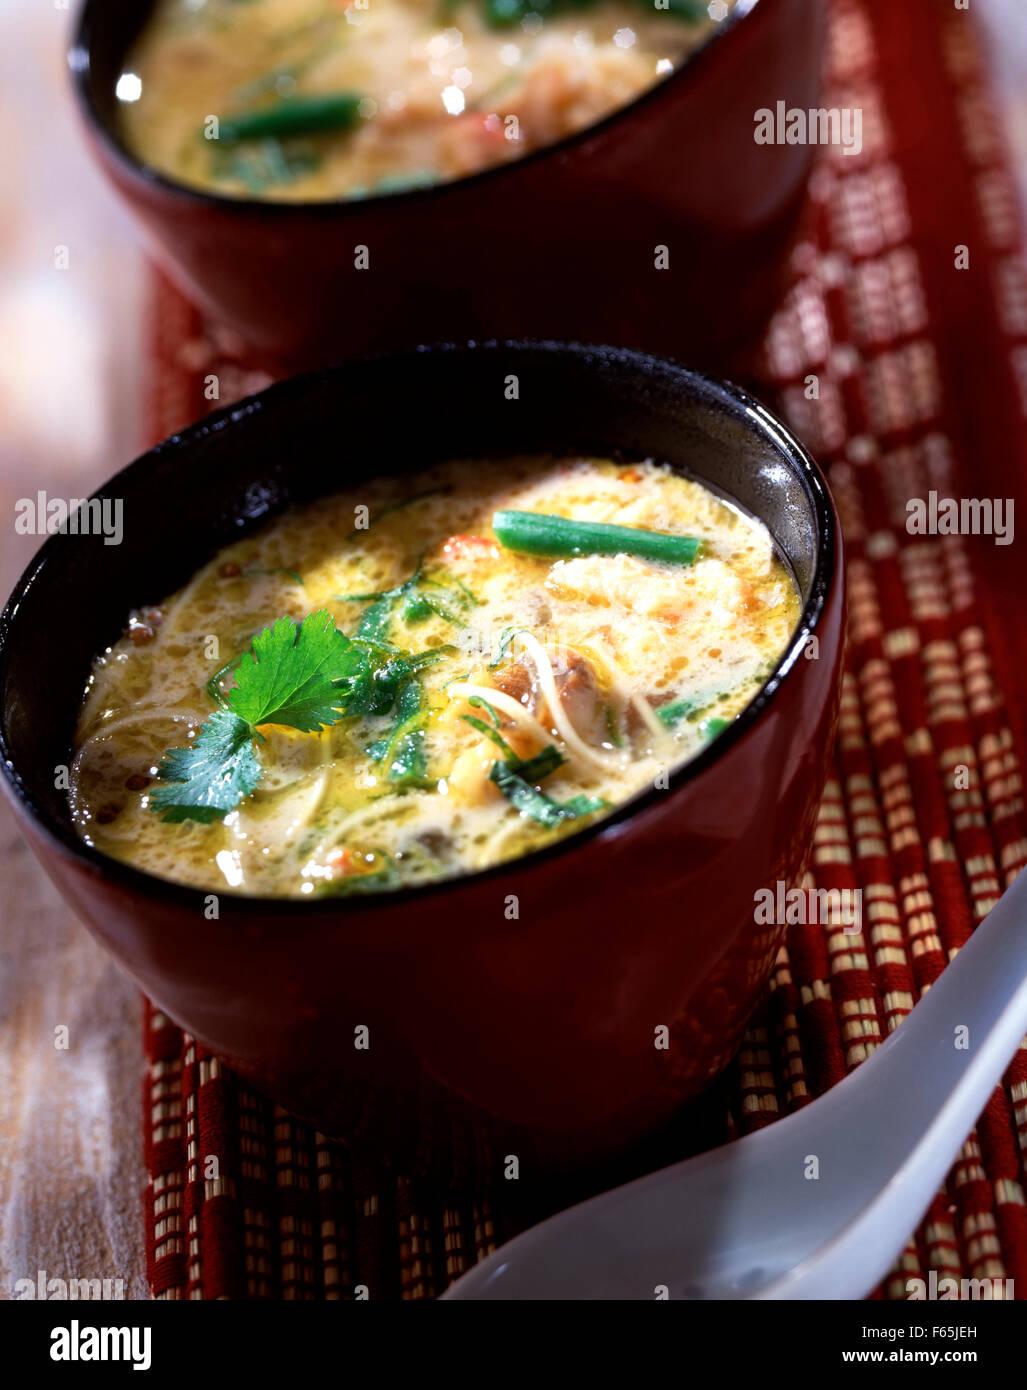 De style thaïlandais, soupe au crabe Banque D'Images